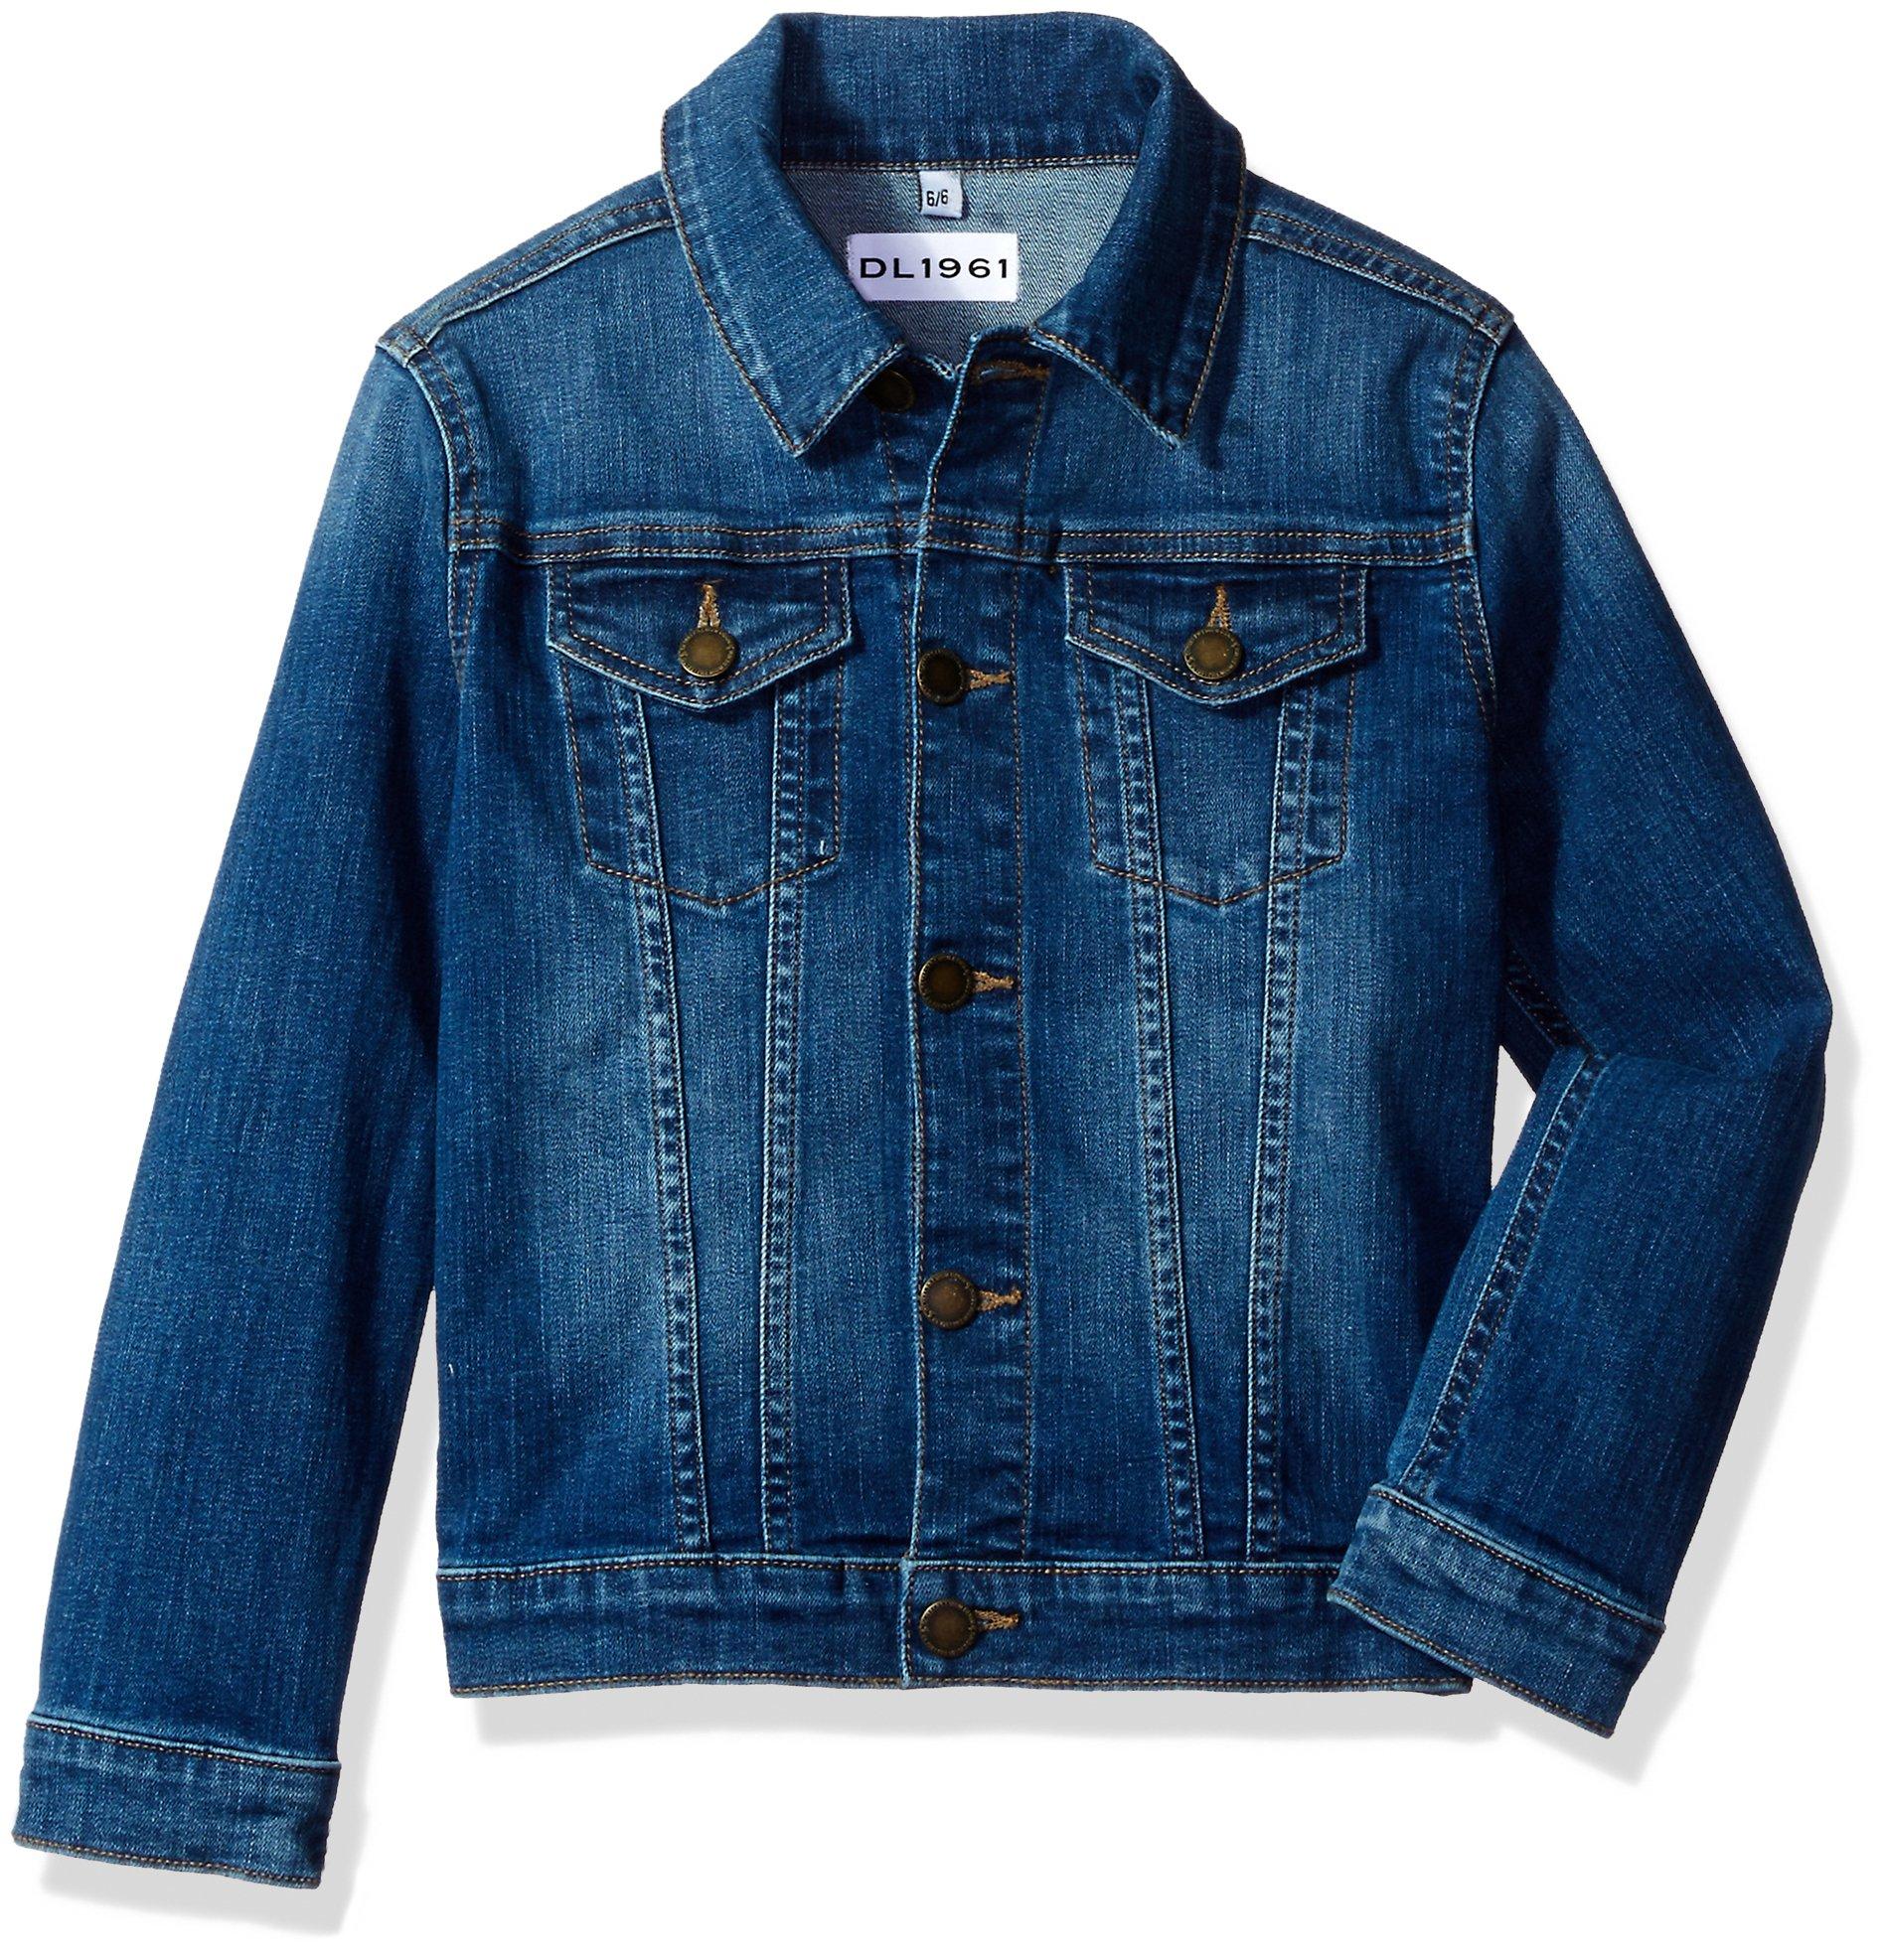 DL1961 Manning Jacket-Toddler Boys-Scope, 6/6x